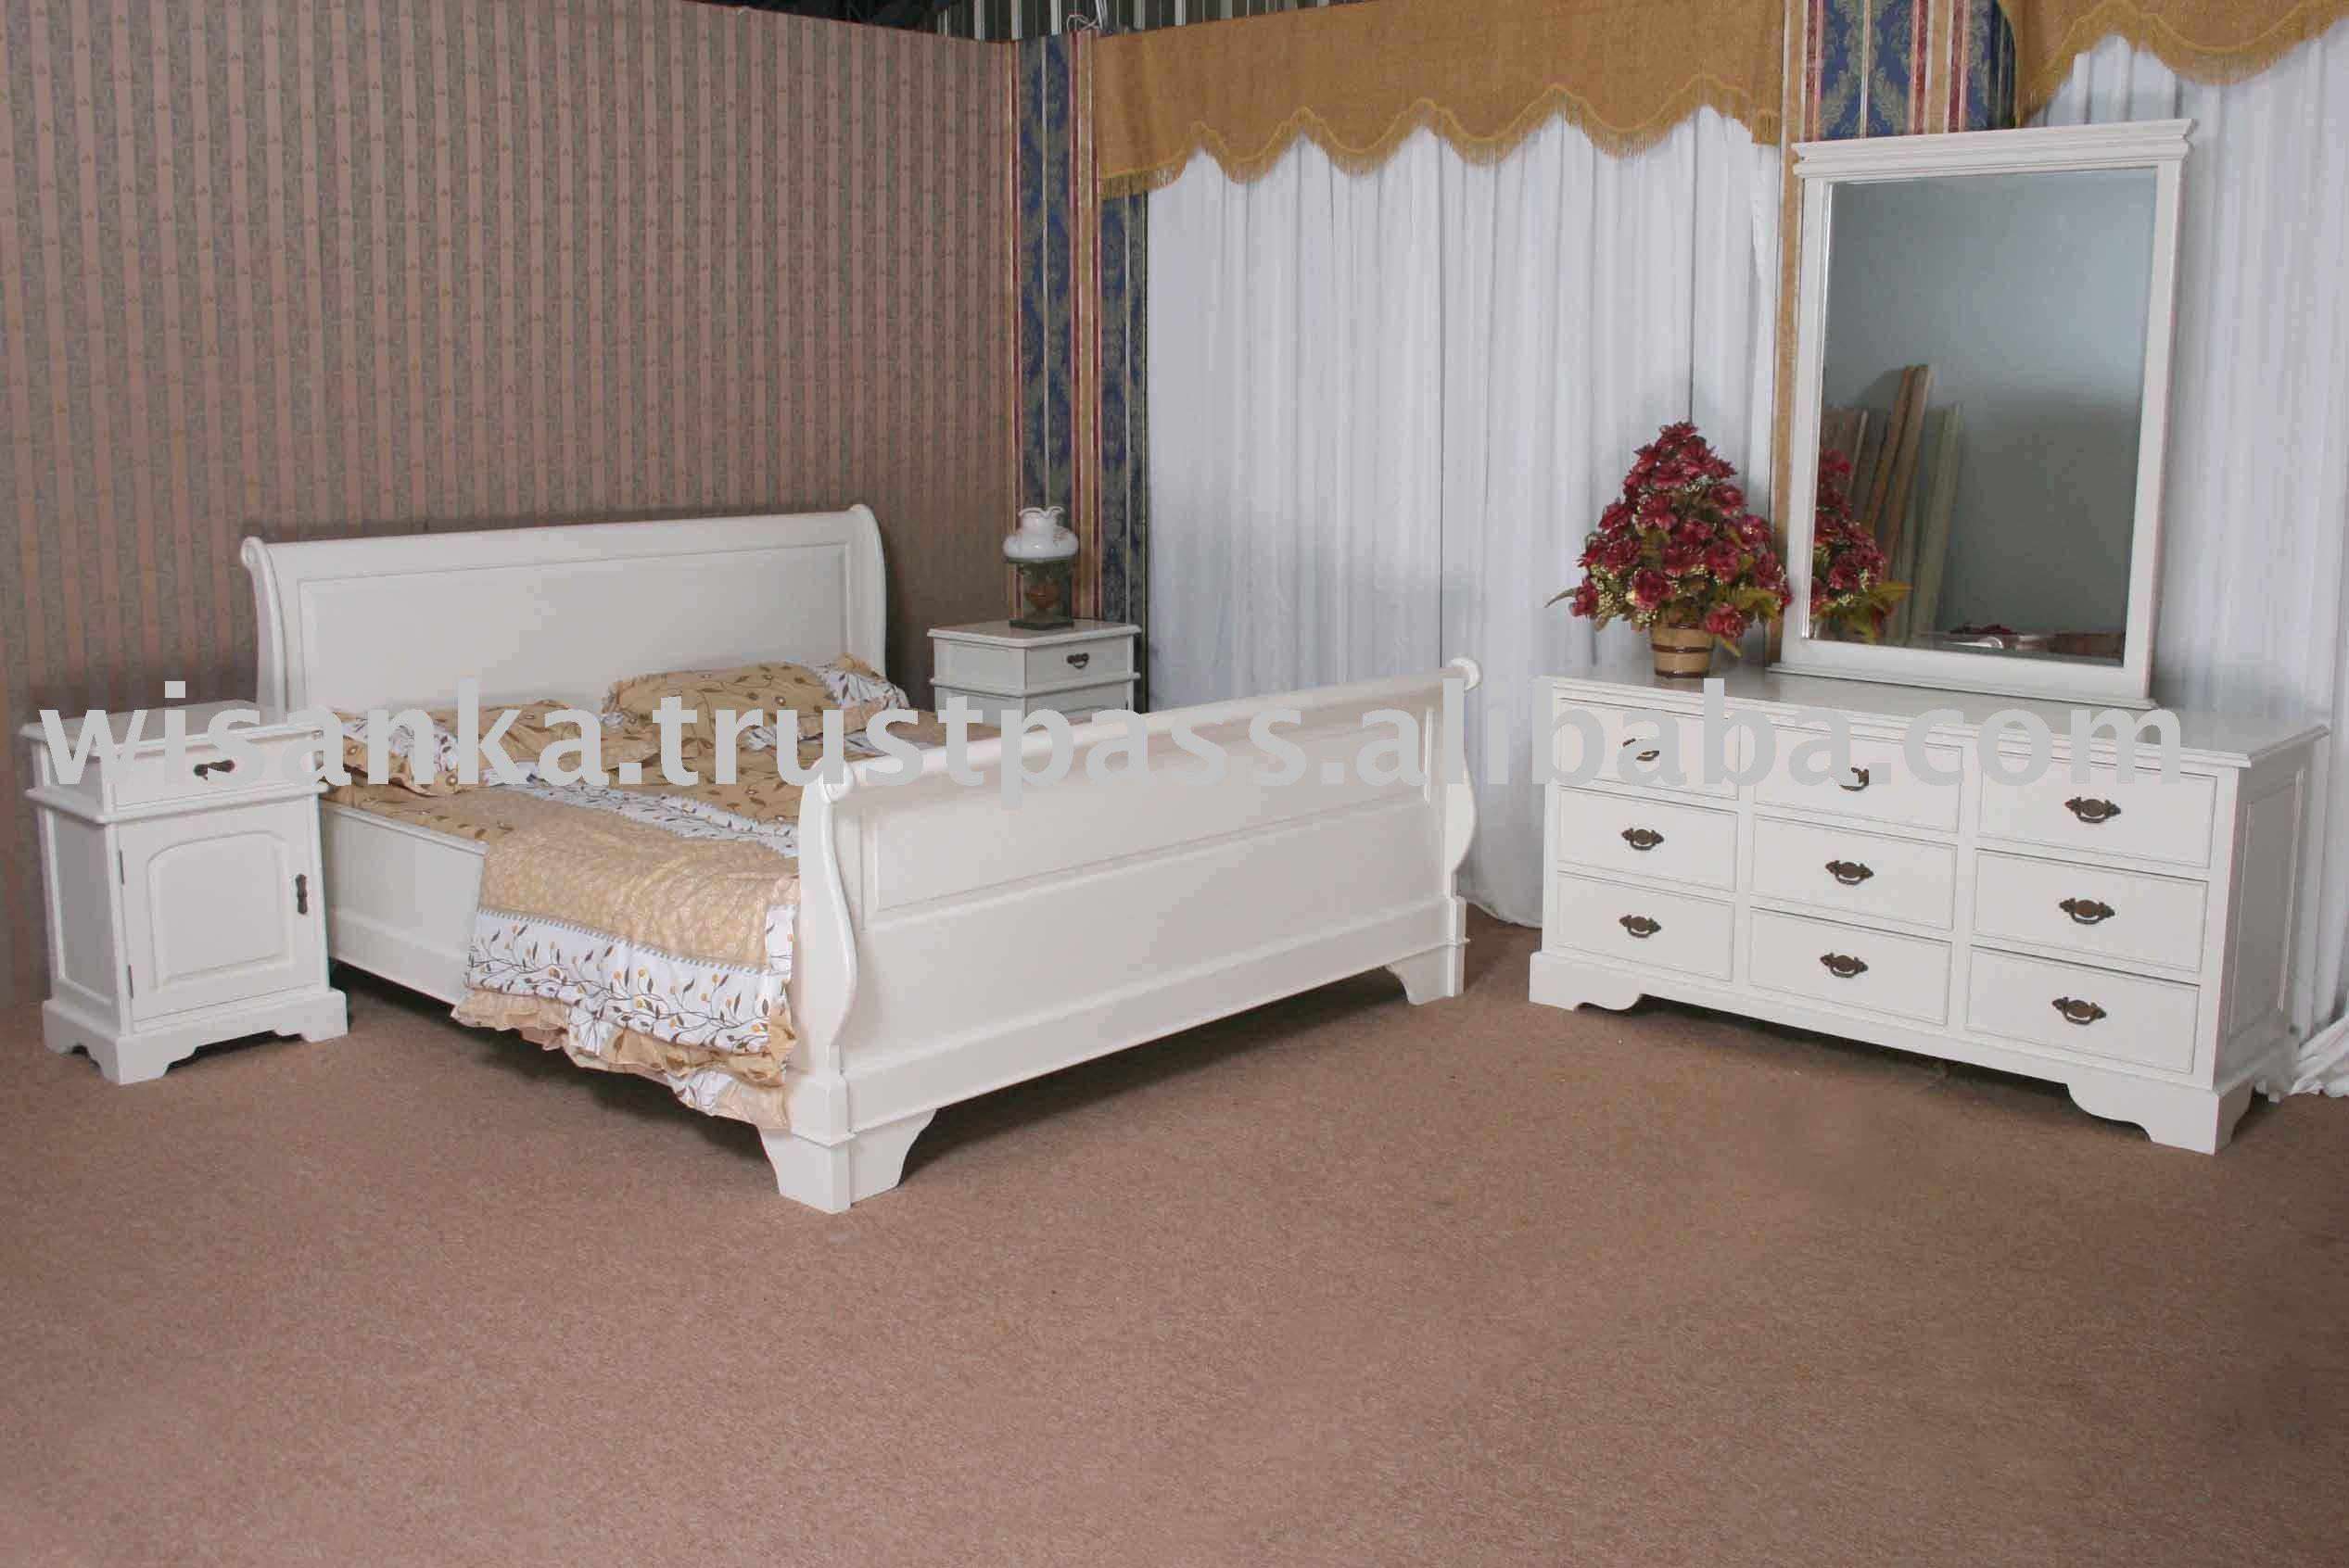 بالصور غرف نوم بيضاء , اجمل اوض للنوم بيضة 5133 8